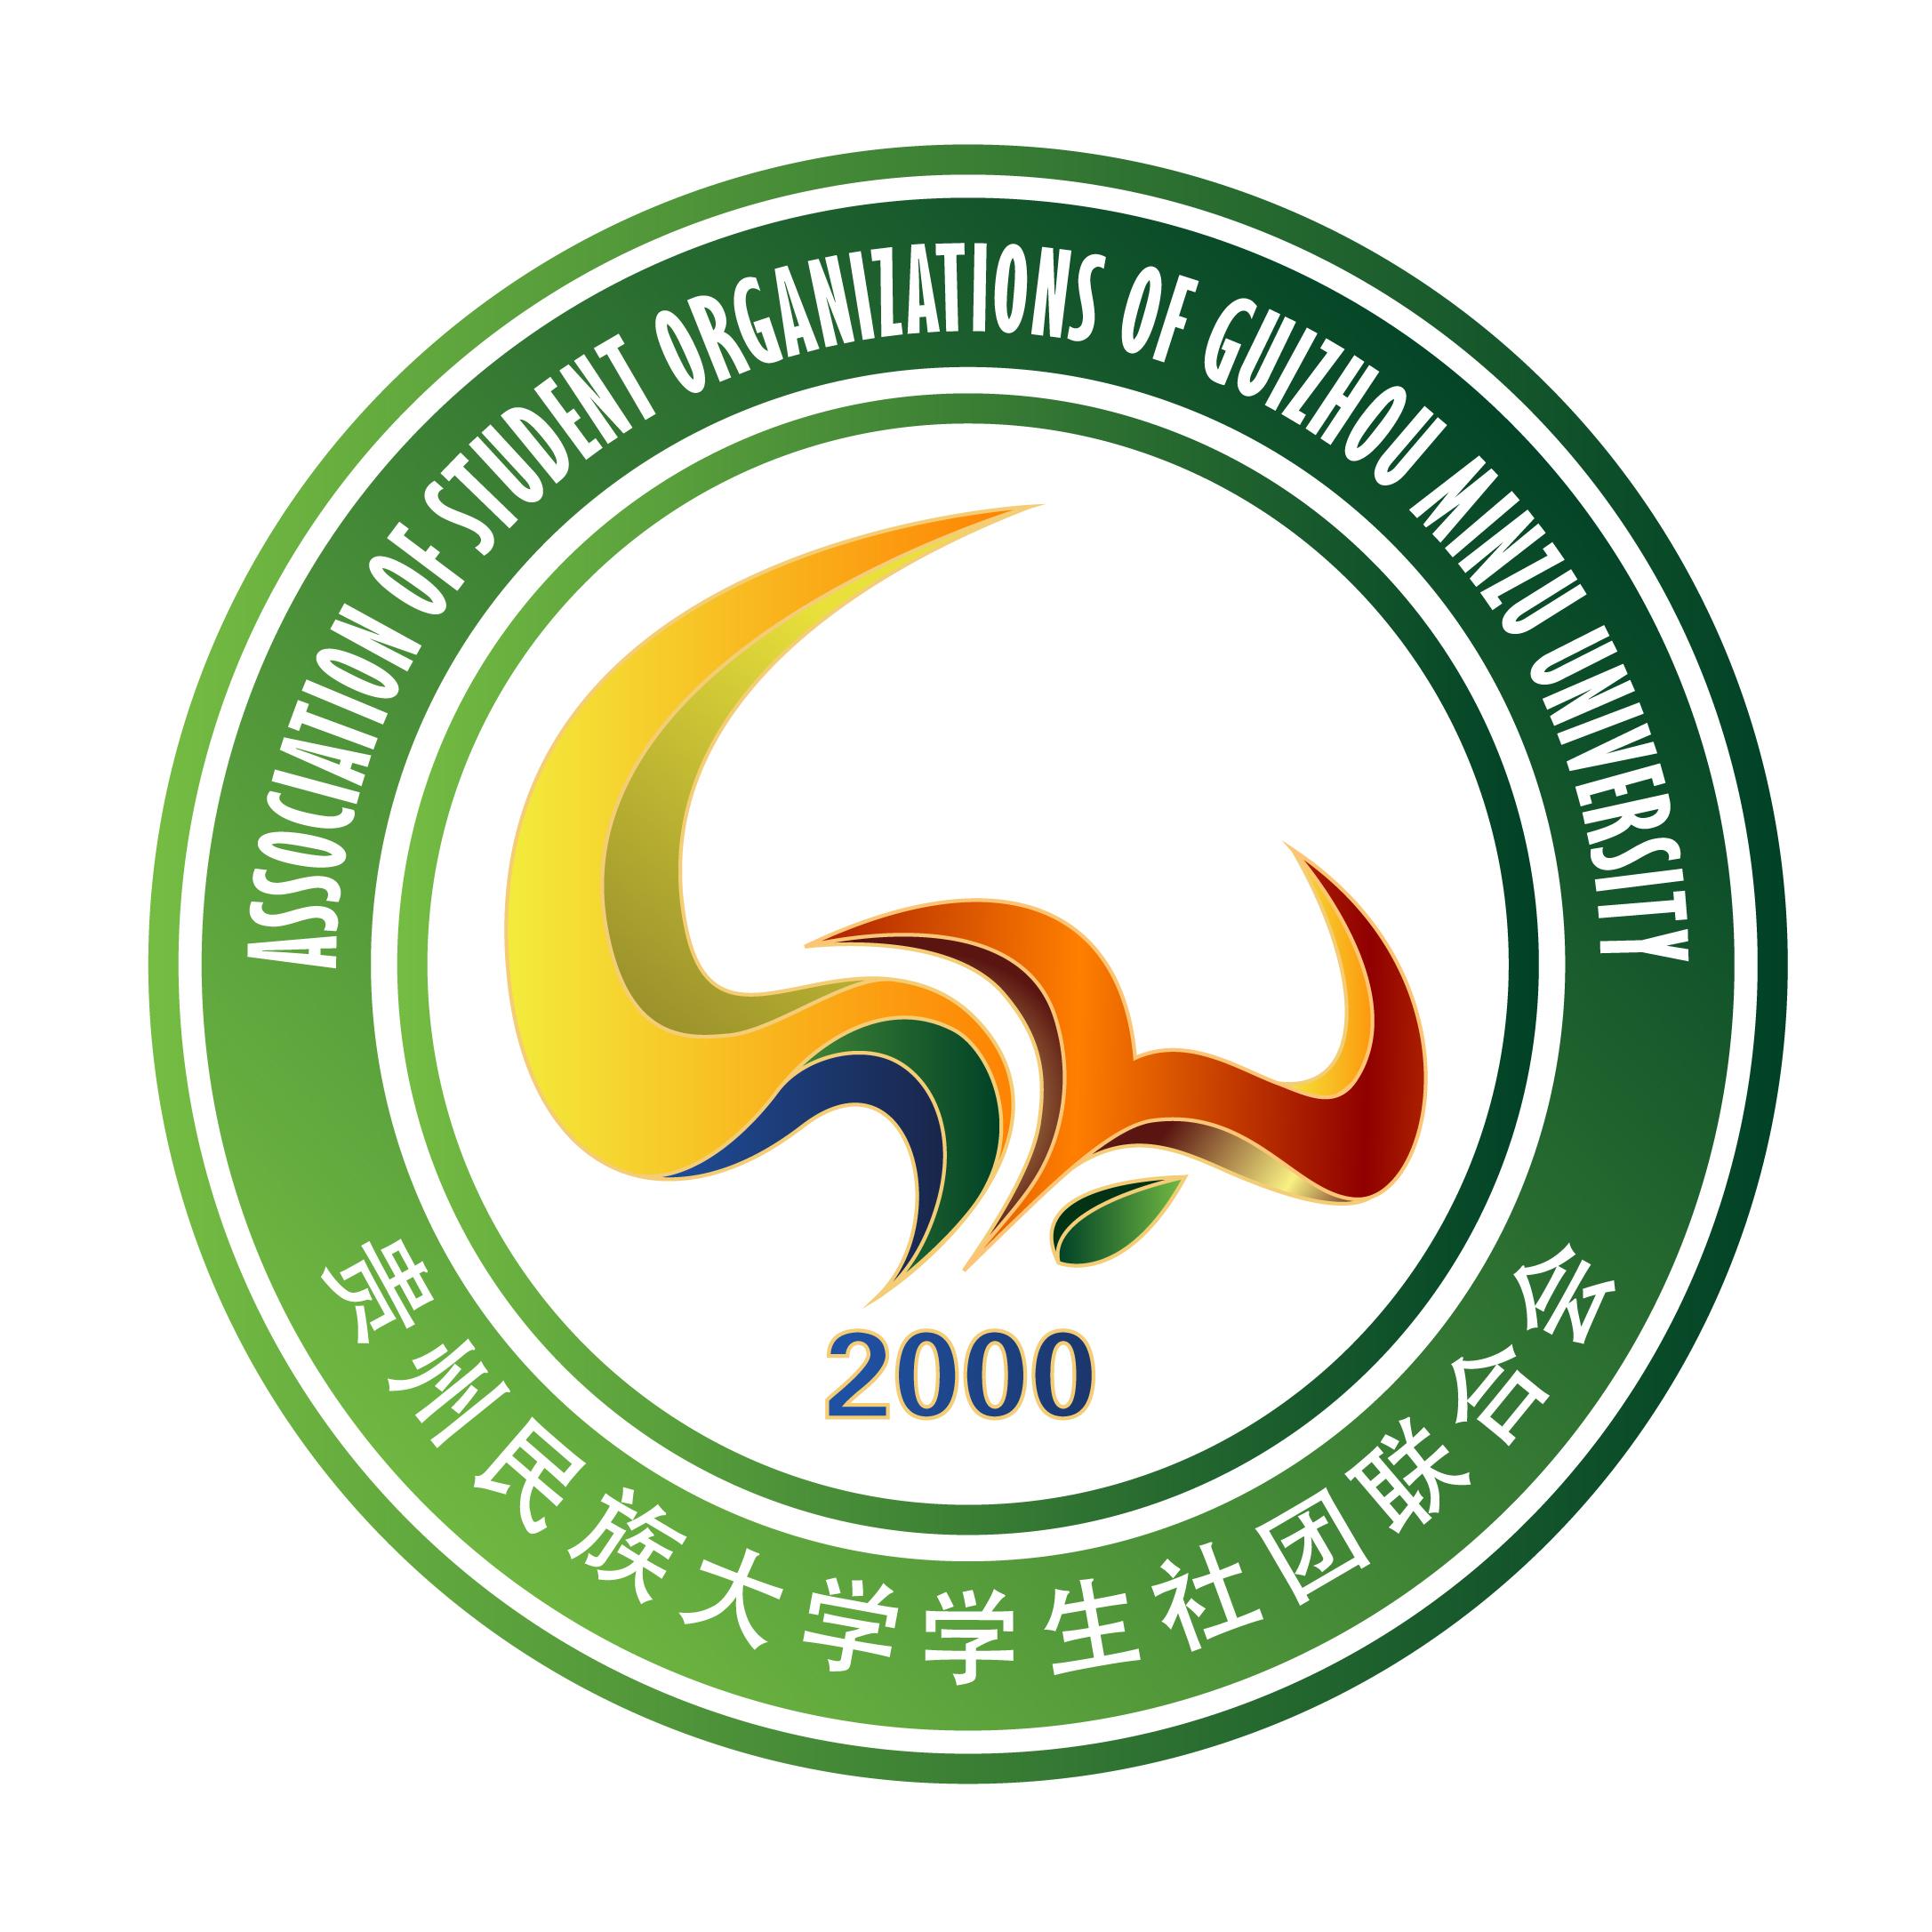 贵州民族大学学生社团联合会会徽